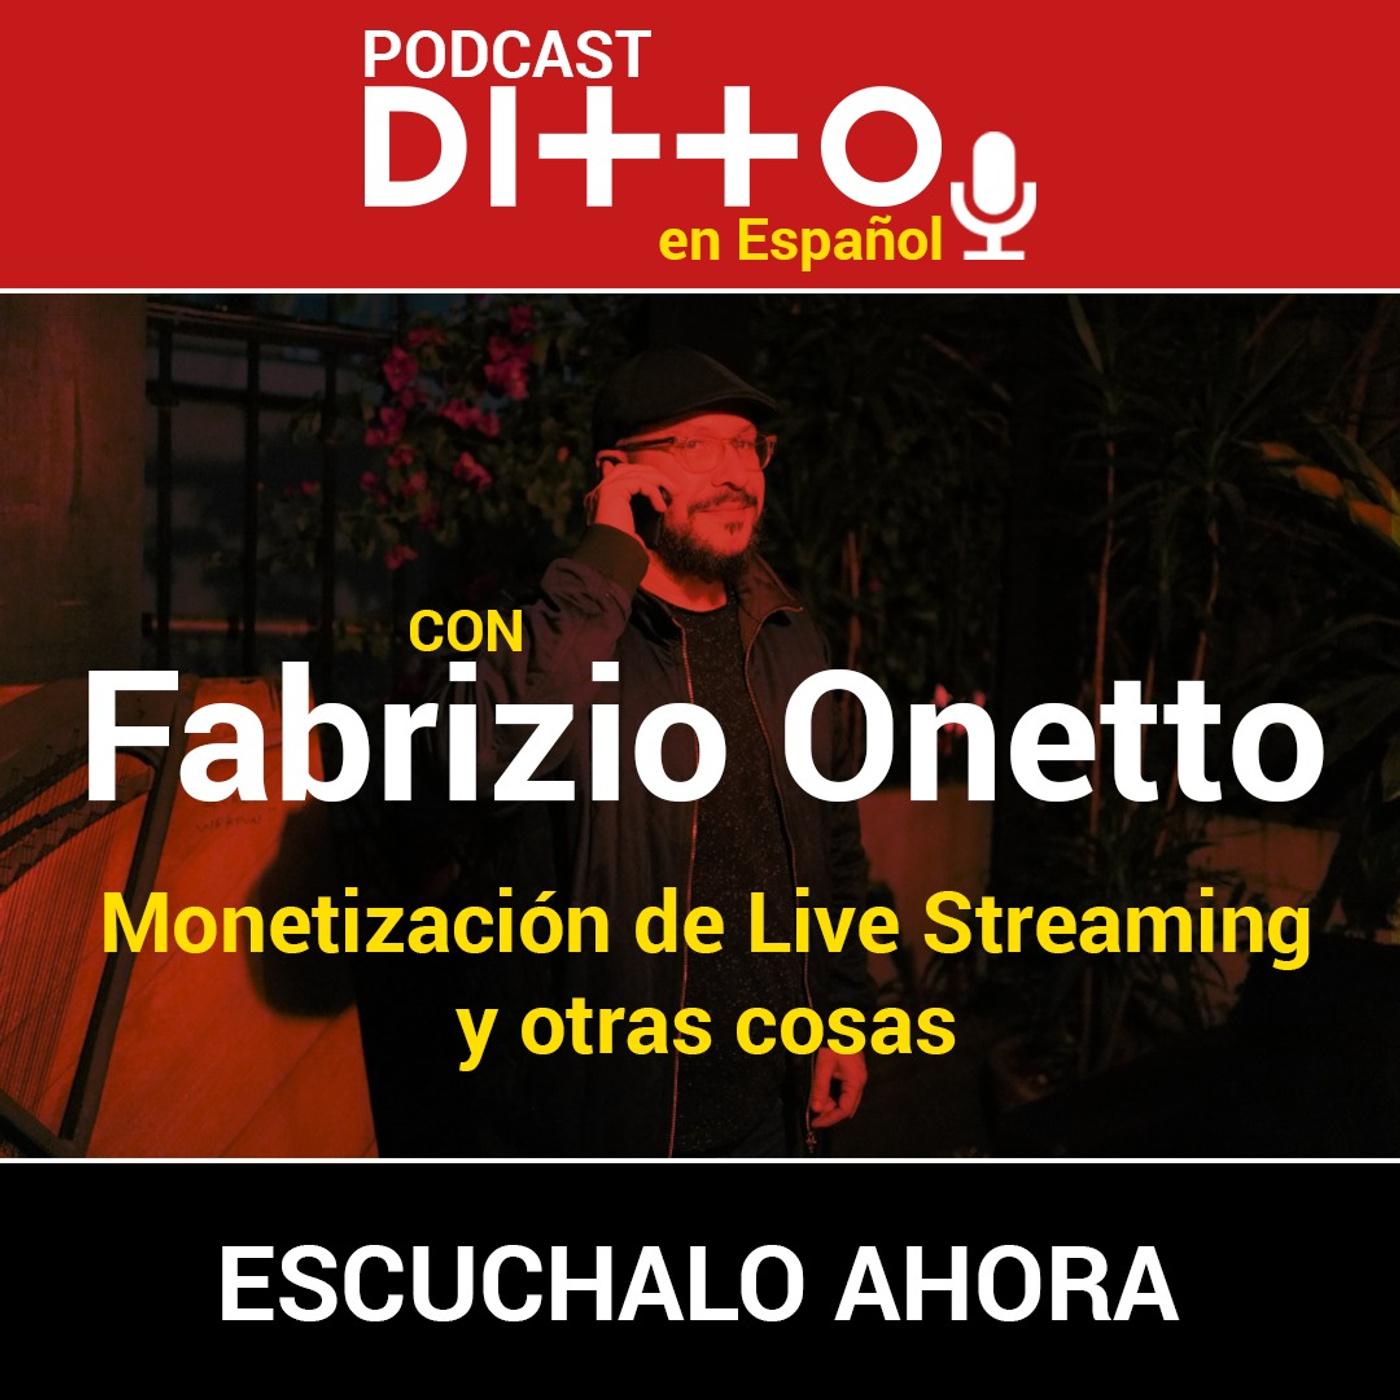 Con Fabrizio Onetto - Monetización de Live Streaming y otras cosas